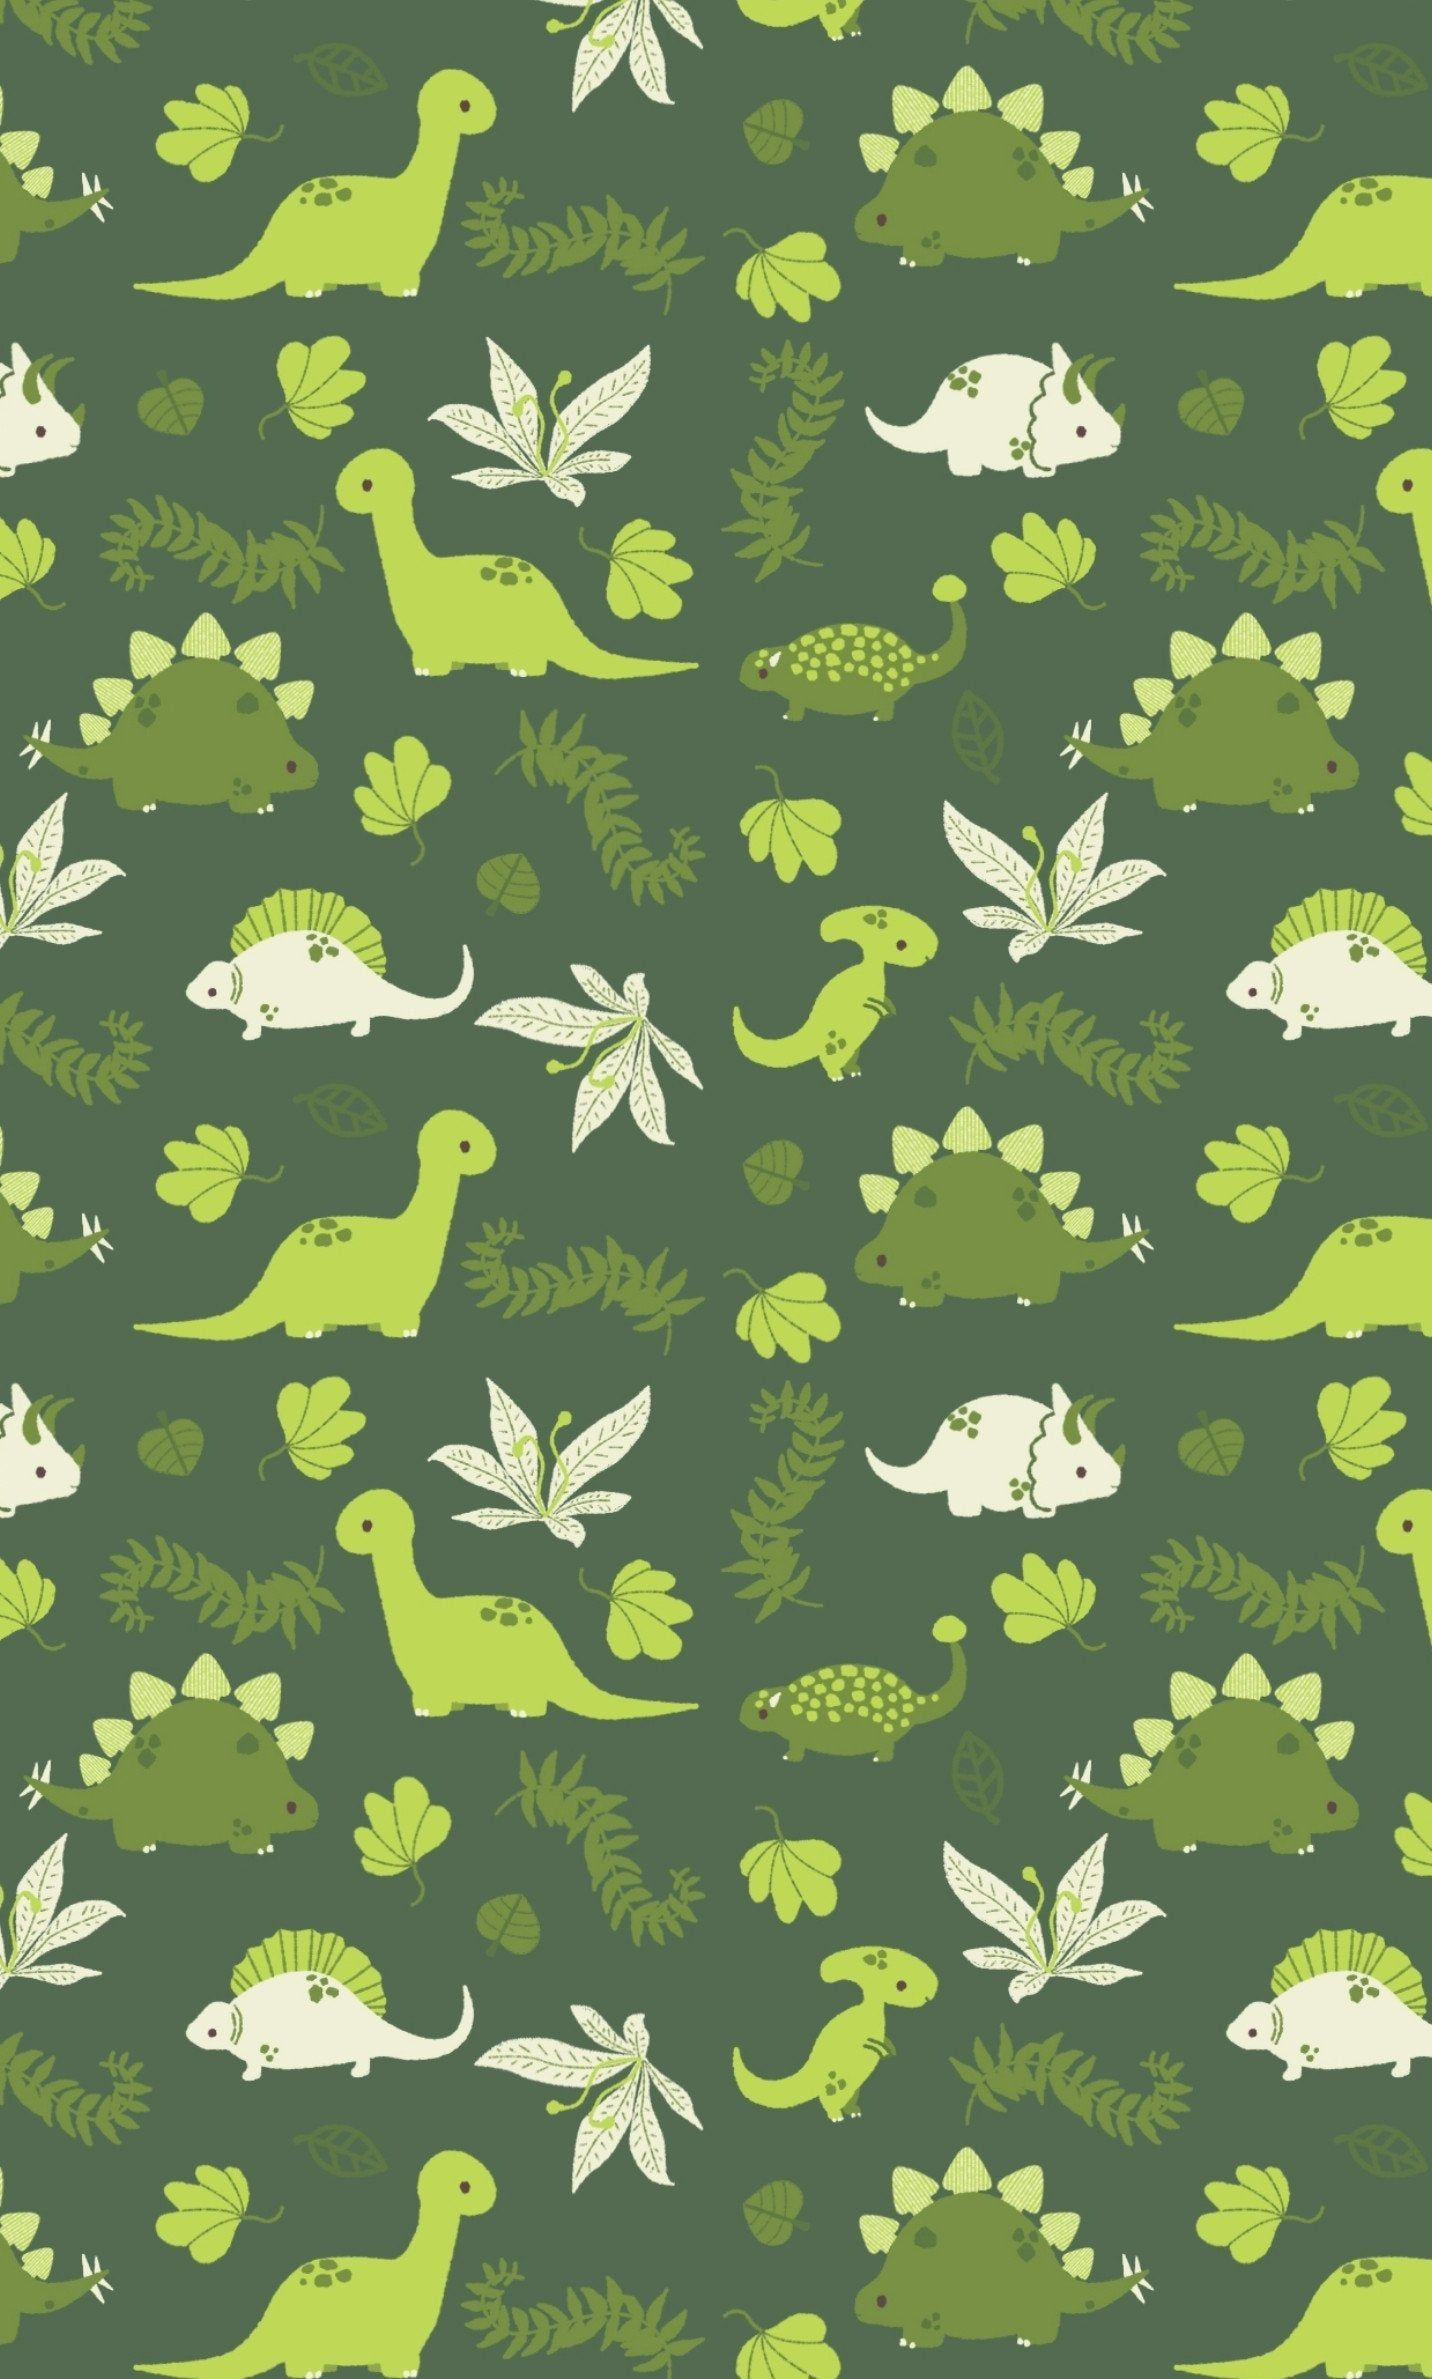 Cute Little Dinosaurs Dinosaur Wallpaper Dinosaur Background Wallpaper Iphone Cute